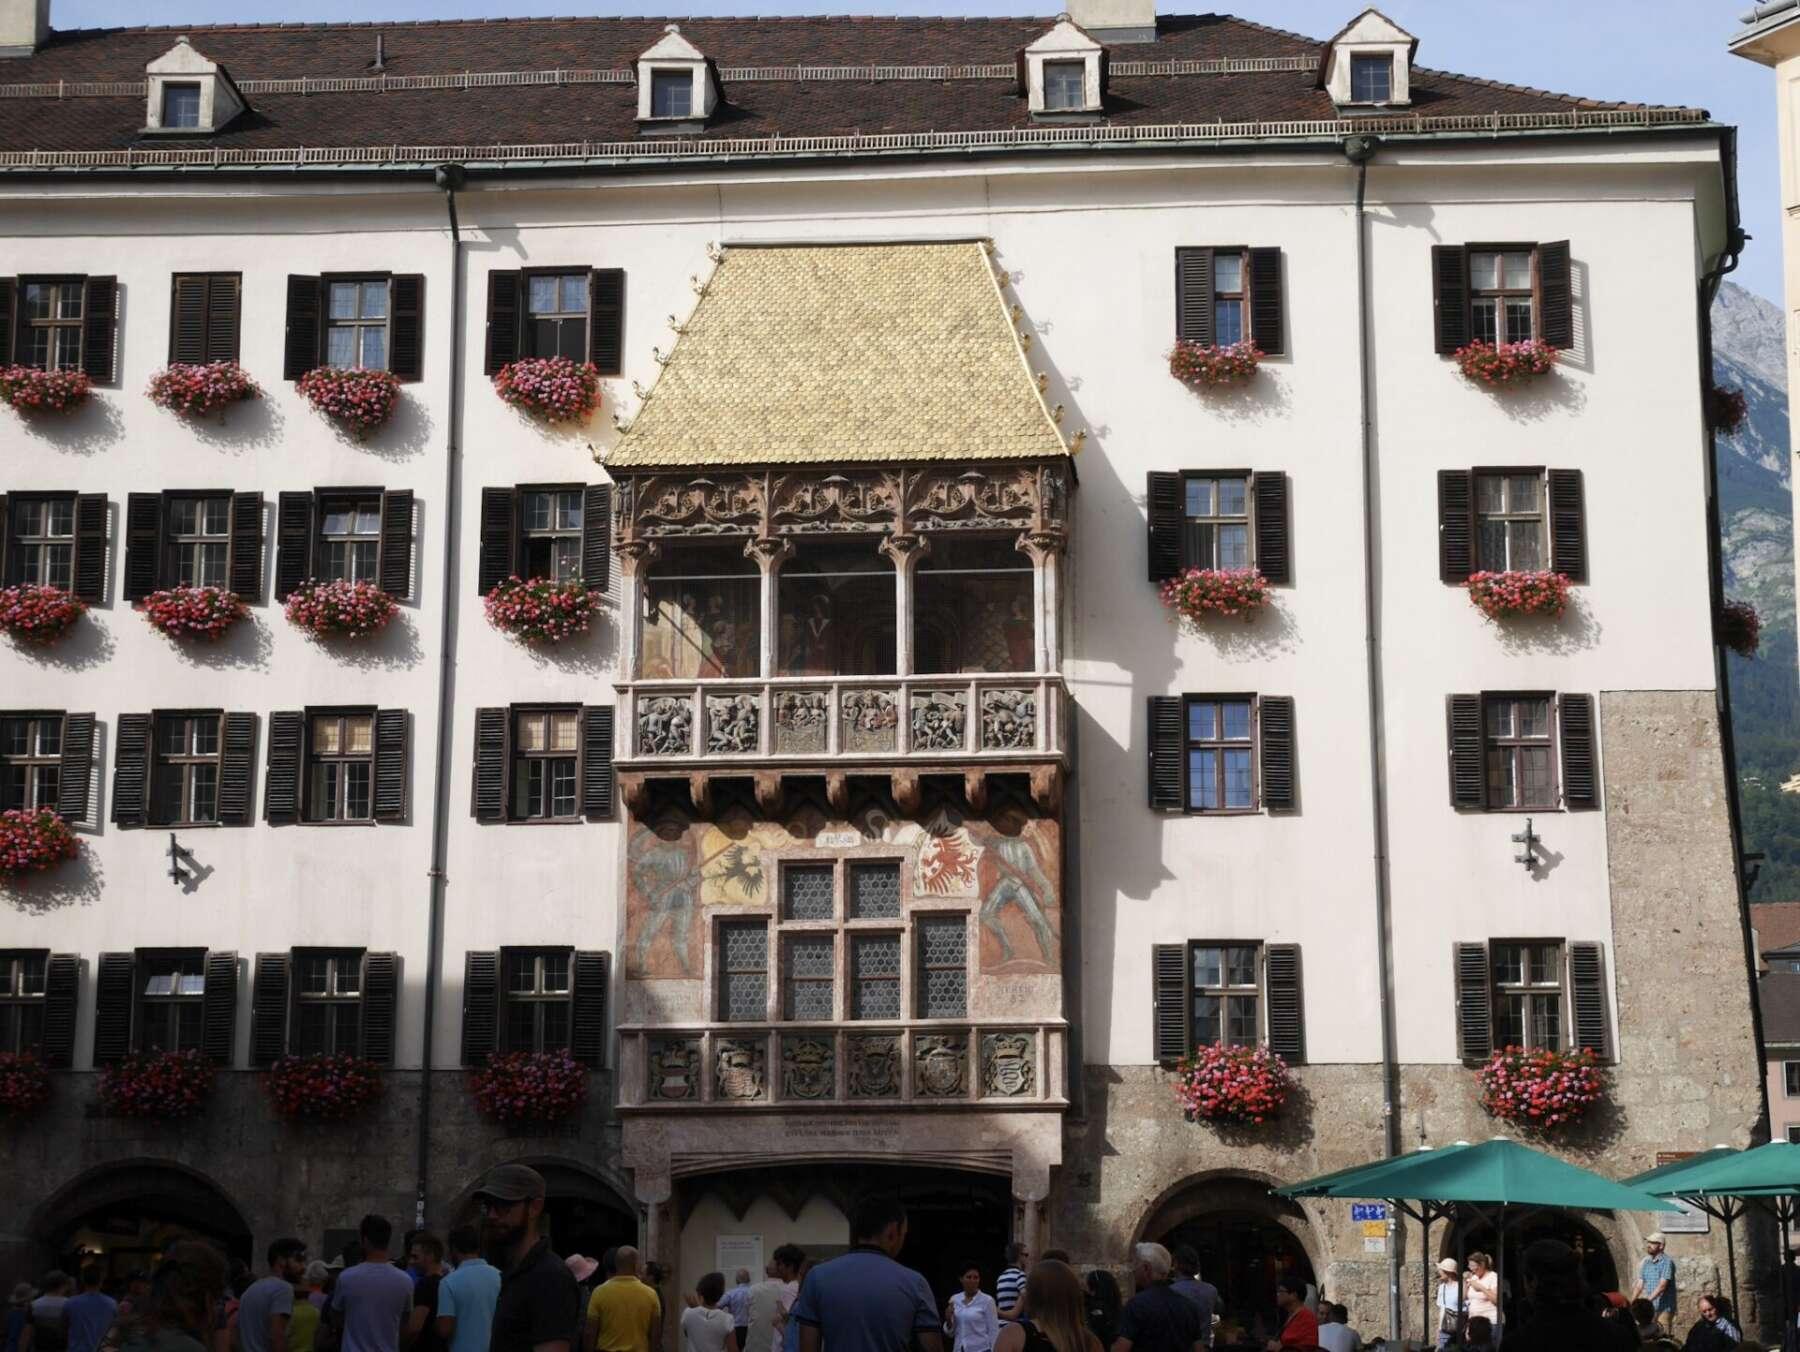 หลังคาทอง อินส์บรุค (Golden roof, Innsbruck)